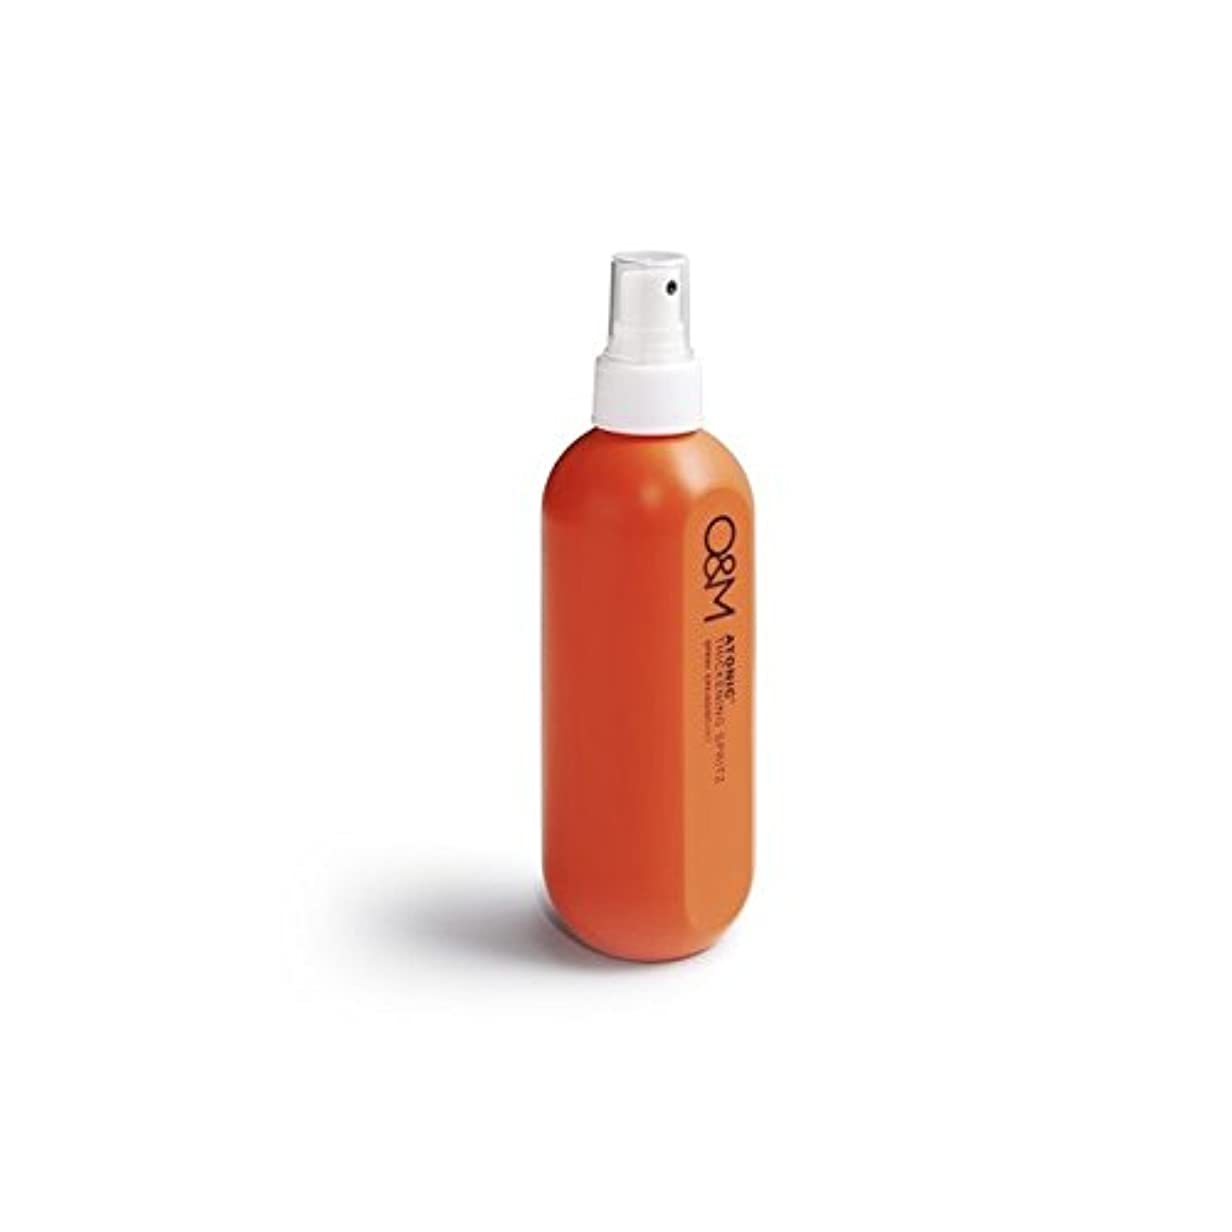 じゃがいもシャックルジャンピングジャックOriginal & Mineral Atonic Thickening Spritz (250ml) - オリジナル&ミネラル脱力増粘スプリッツ(250ミリリットル) [並行輸入品]